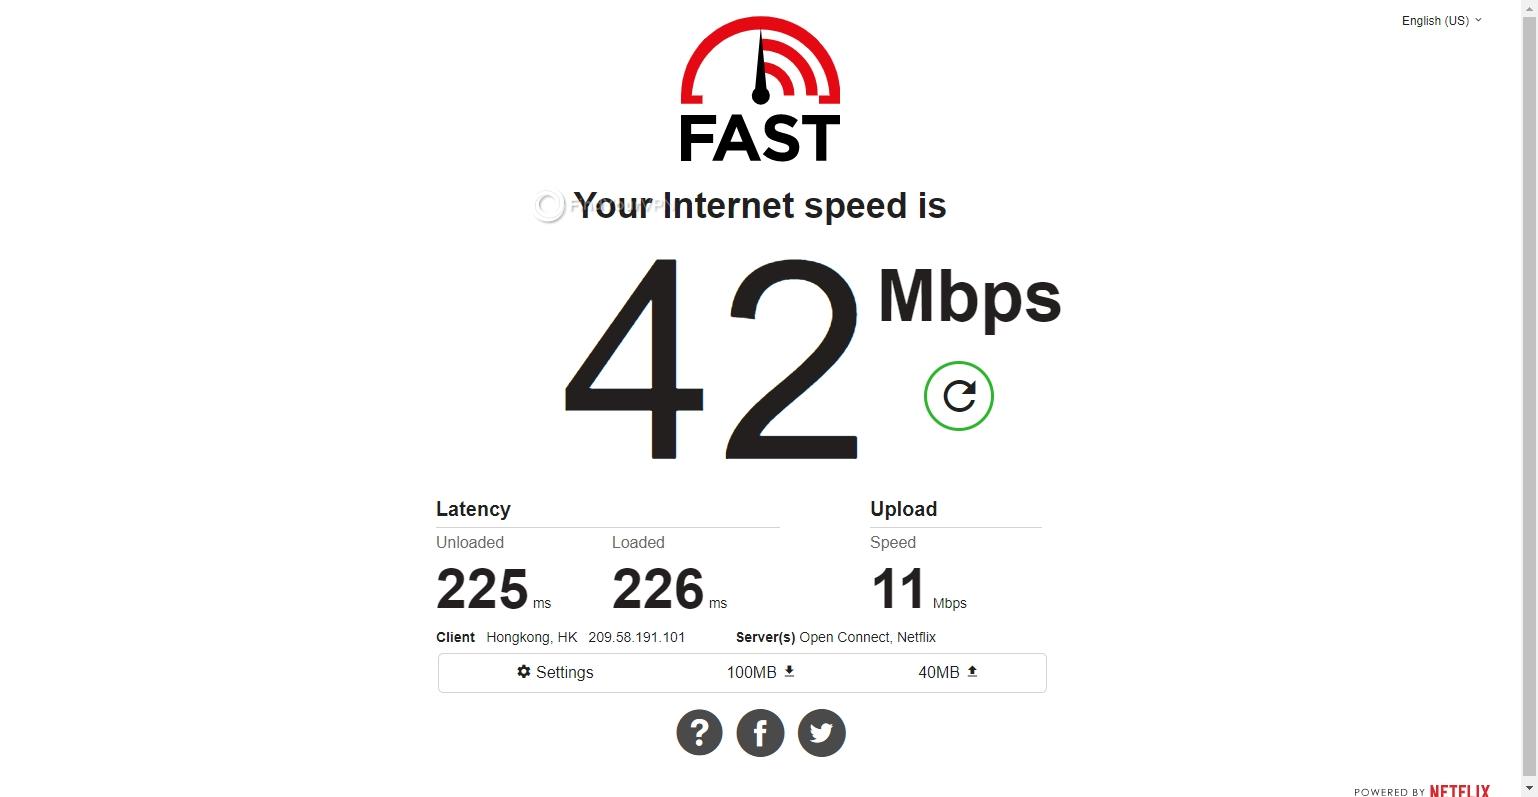 FastestVPN's Hong Kong results